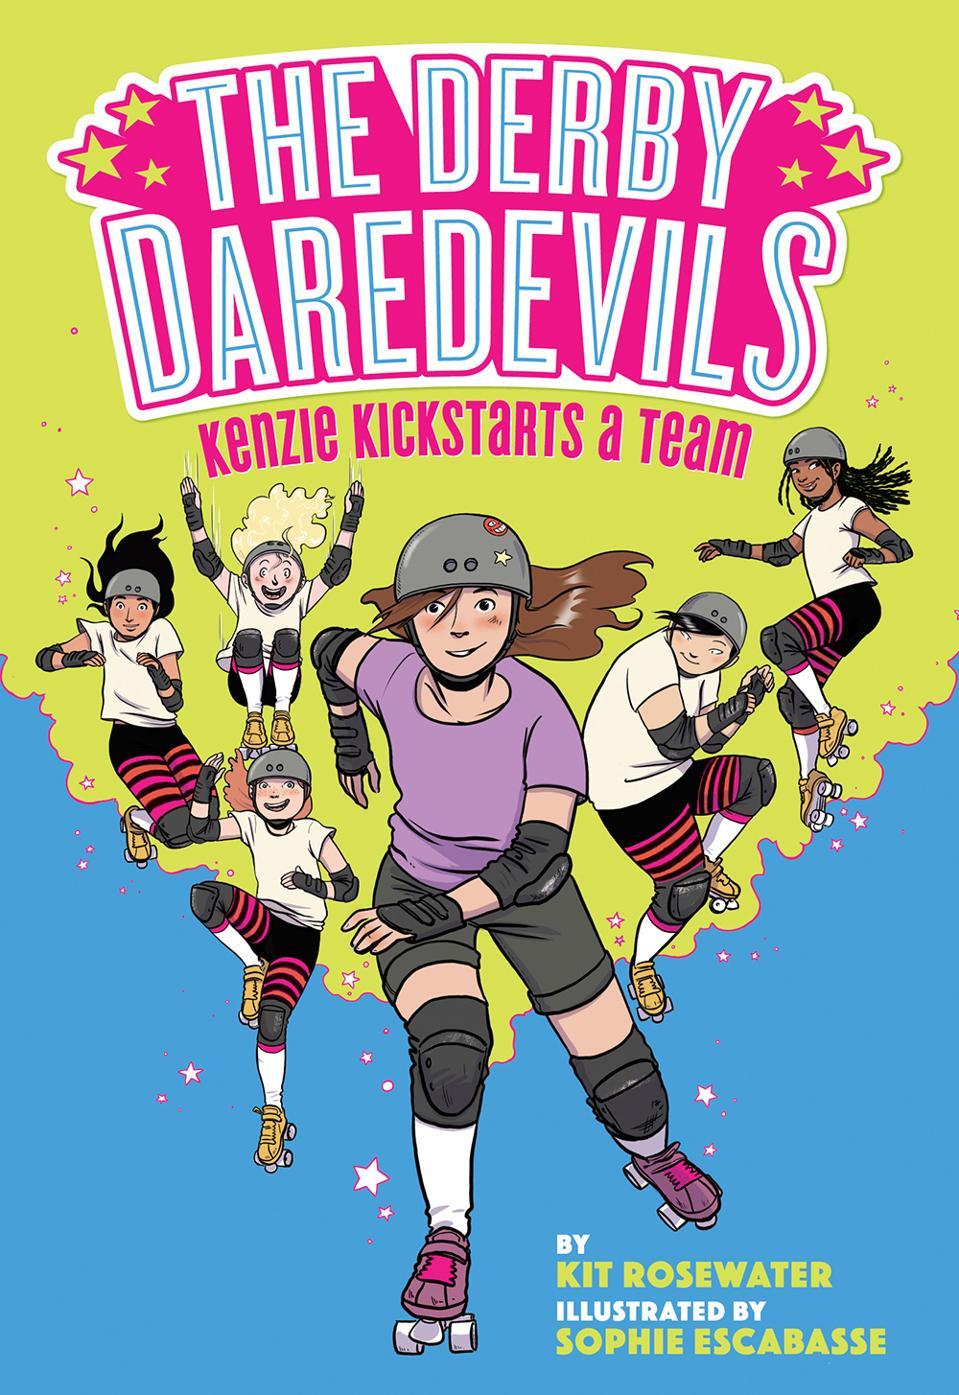 derby daredevils kenzie kickstarts a team kit rosewater sophie escabasse middle grade